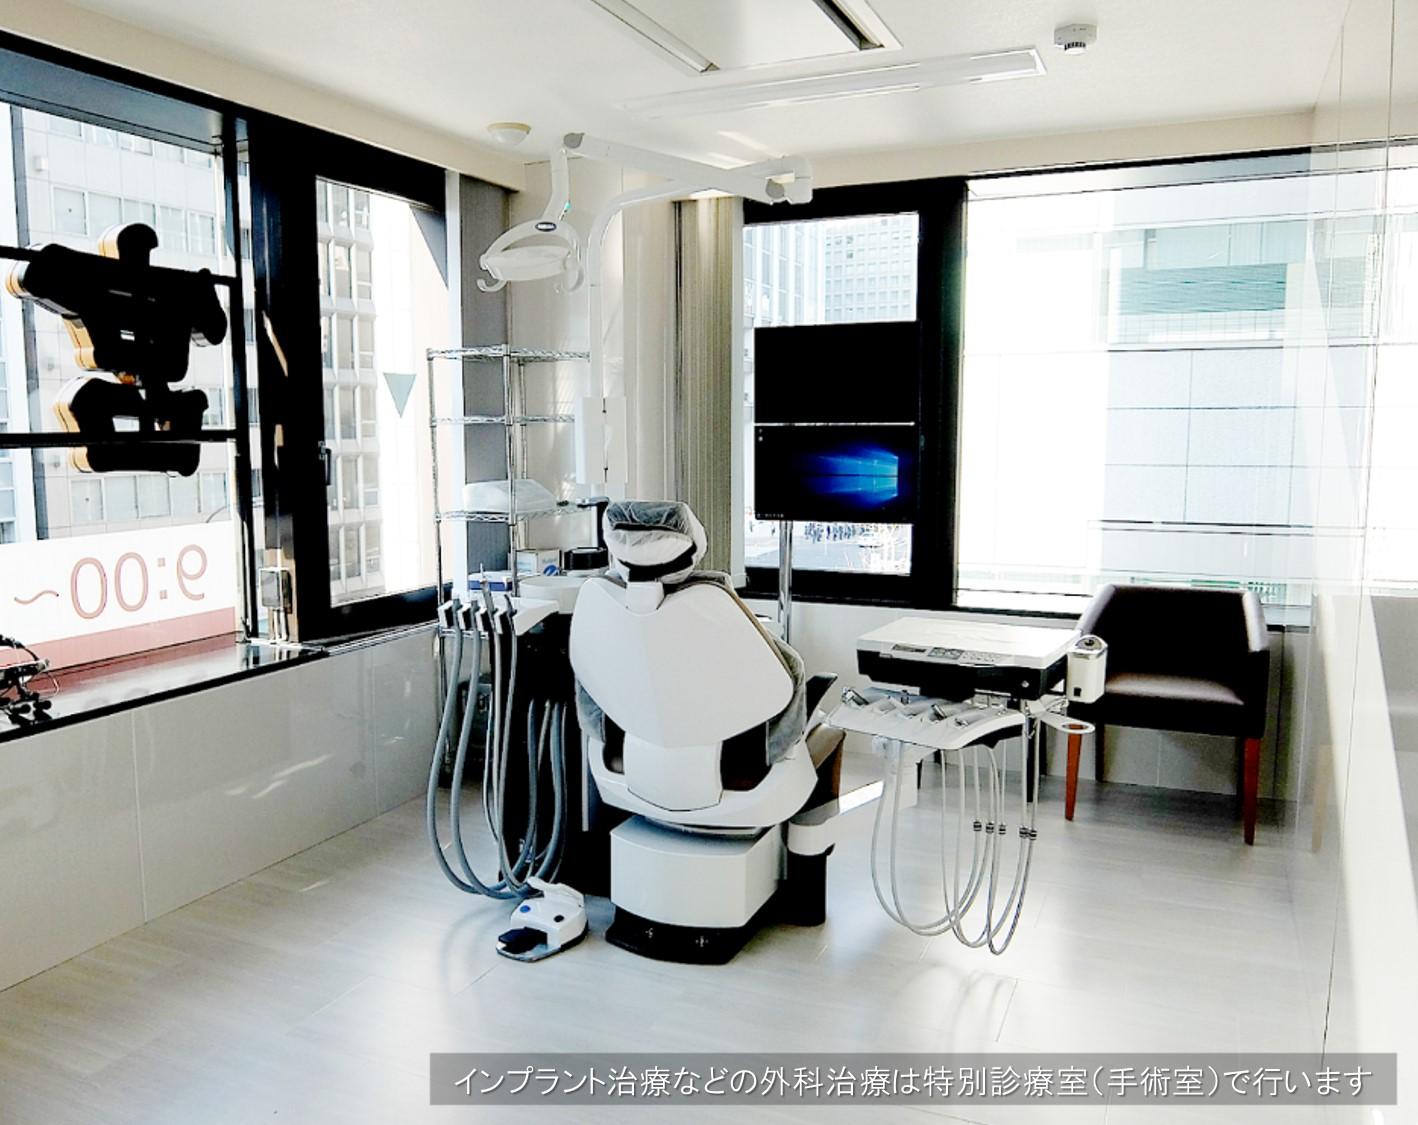 インプラント 手術室完備